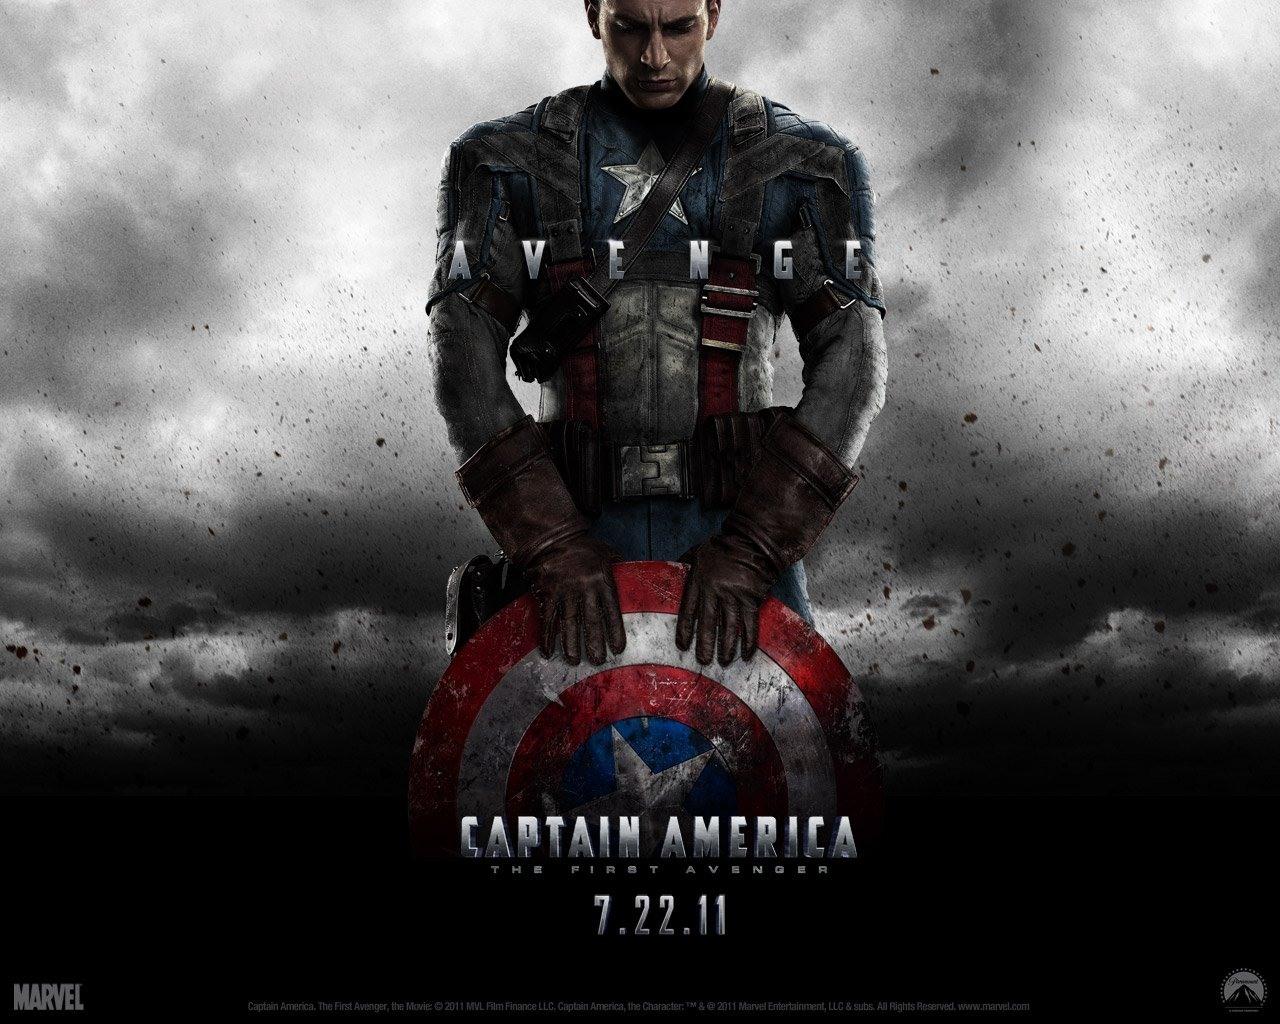 Captain America The First Avenger desktop wallpaper 1280x1024